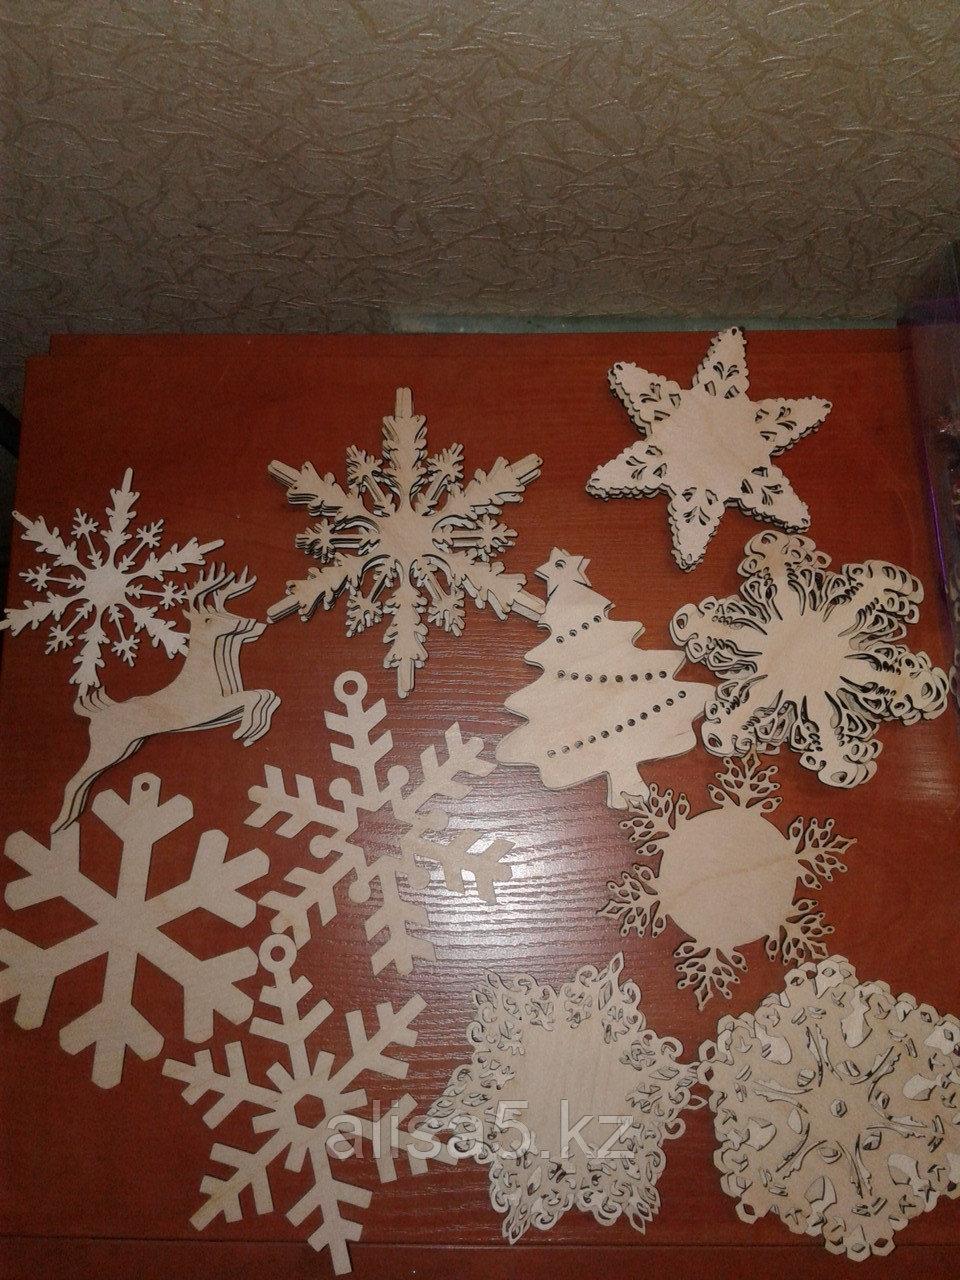 Фигурки из дерева - олени, снежинки для росписи, штука